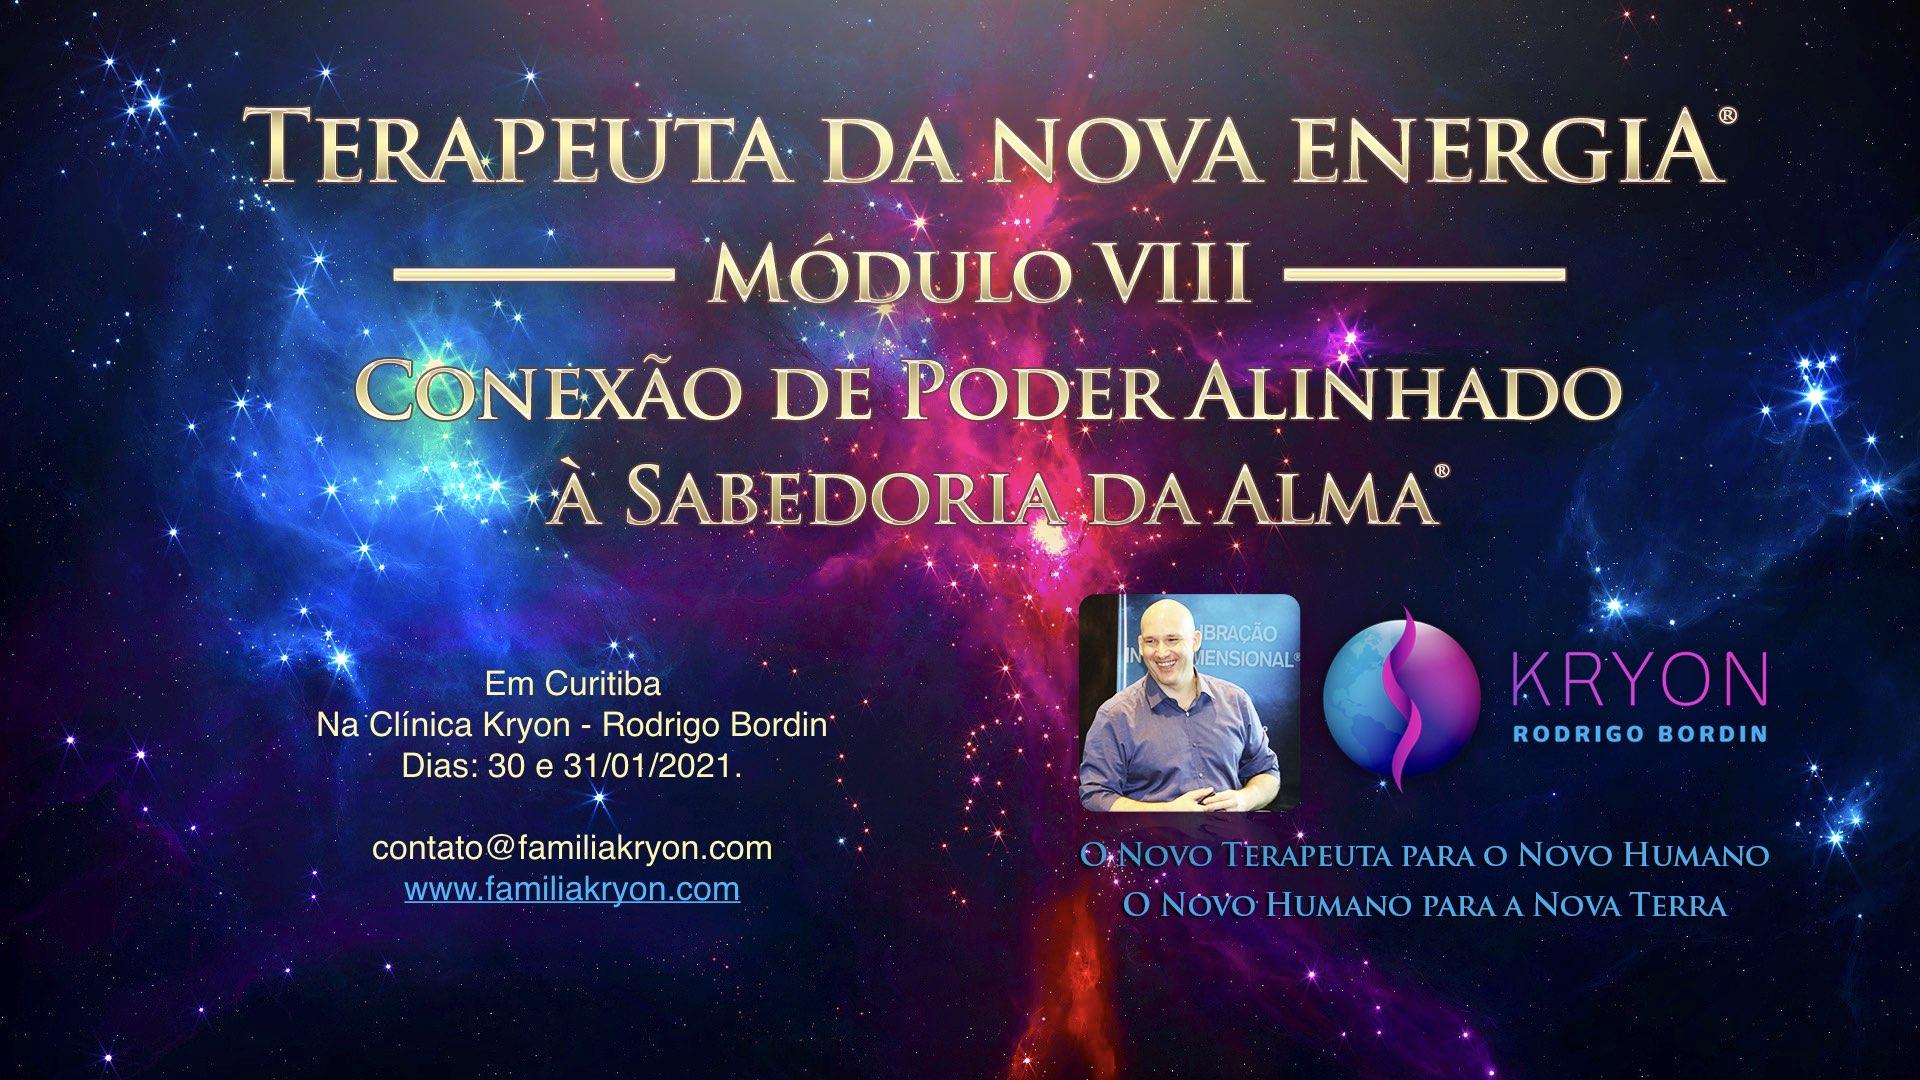 Terapeuta da Nova Energia® - Módulo VIII - Conexão de Poder Alinhado à Sabedoria da Alma®